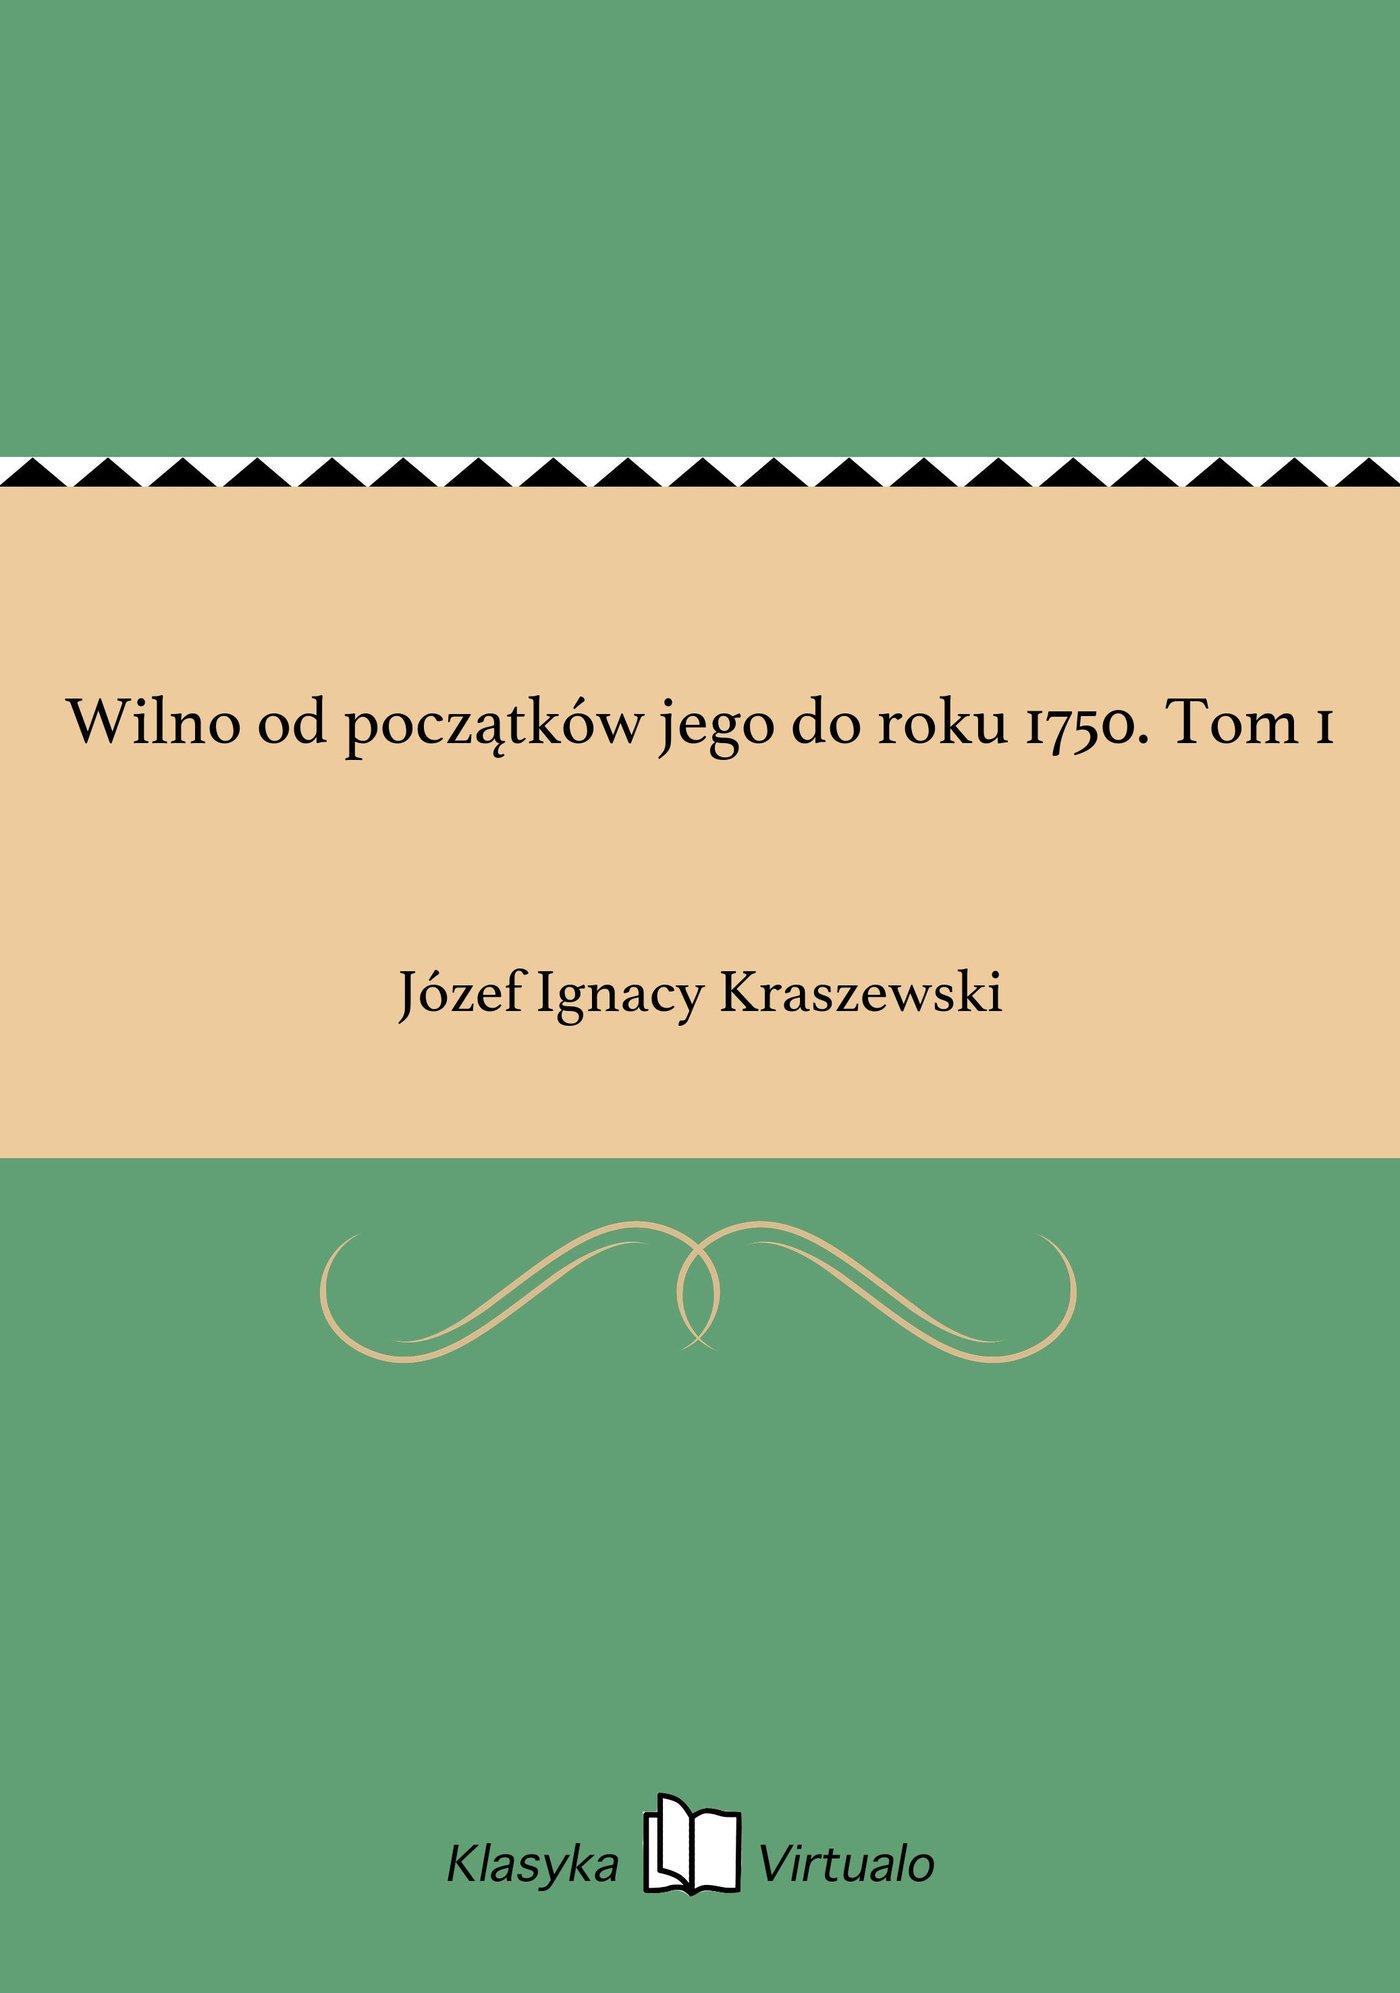 Wilno od początków jego do roku 1750. Tom 1 - Ebook (Książka EPUB) do pobrania w formacie EPUB